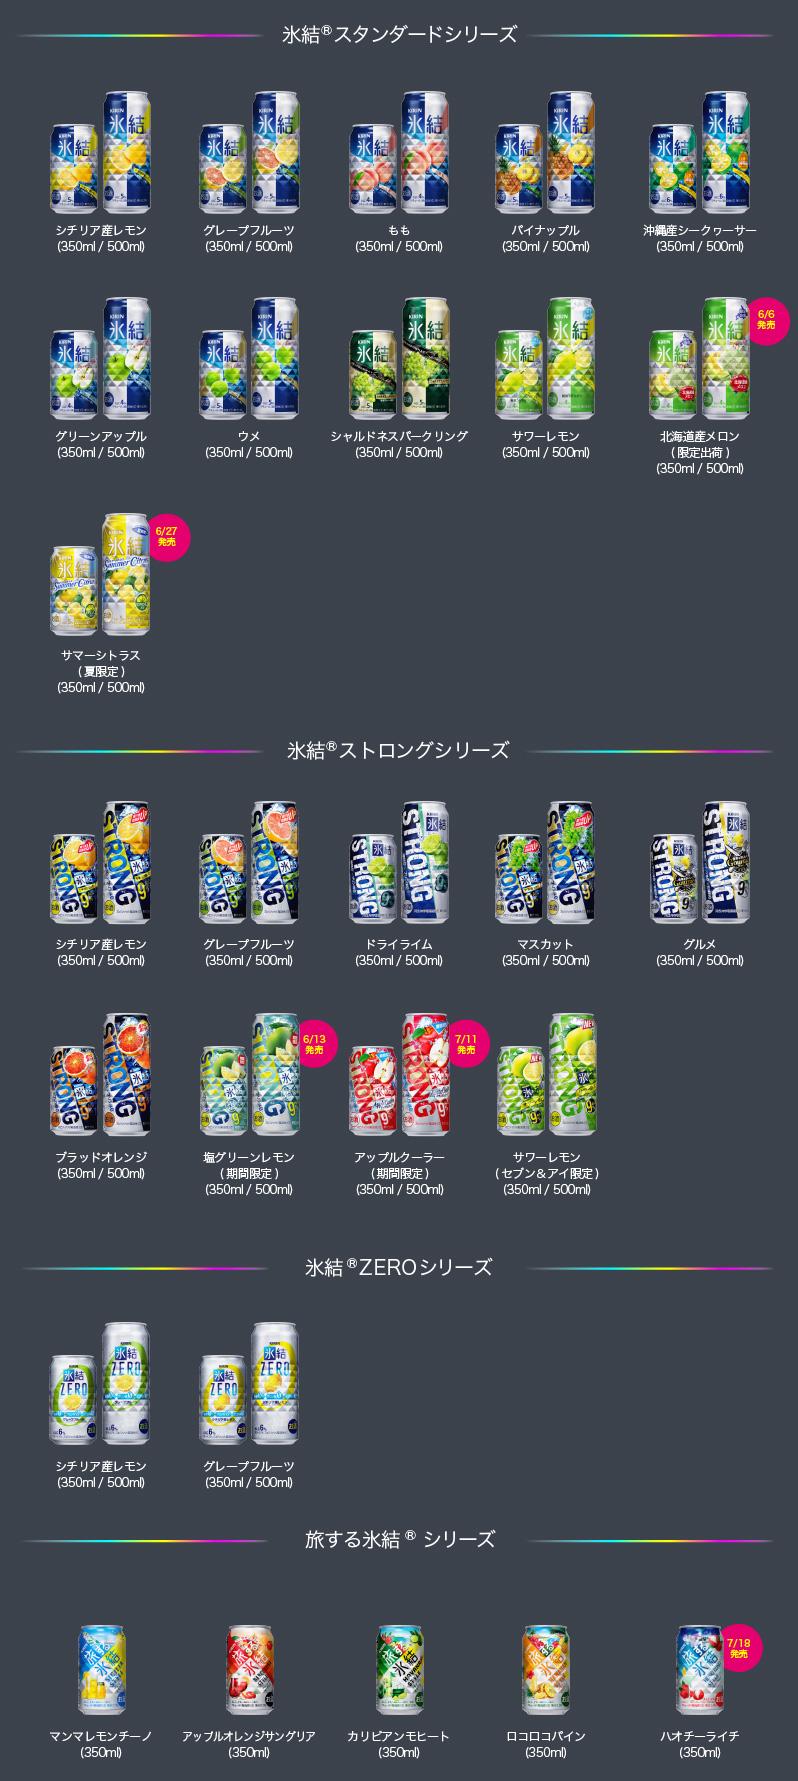 氷結専用アイスボックス 2017懸賞キャンペーン対象商品